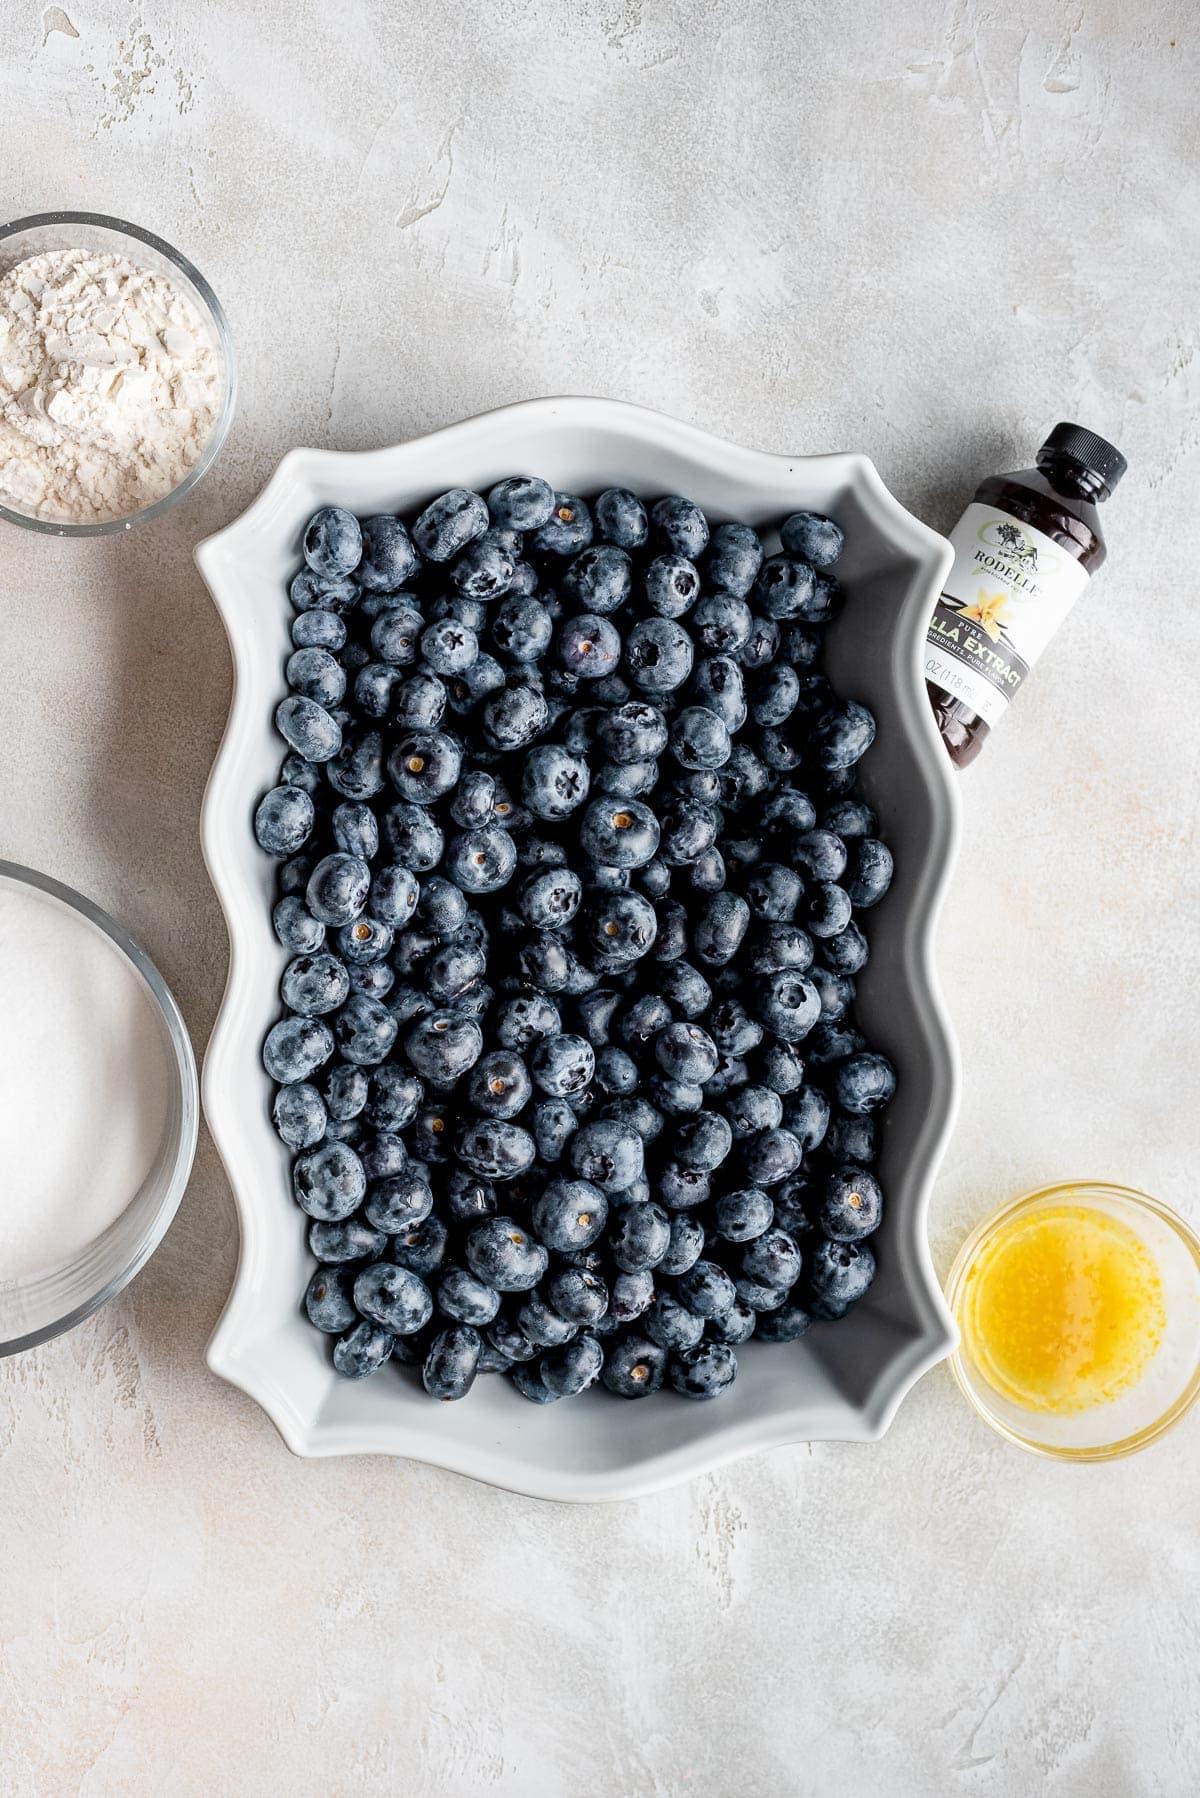 pan full of fresh blueberries